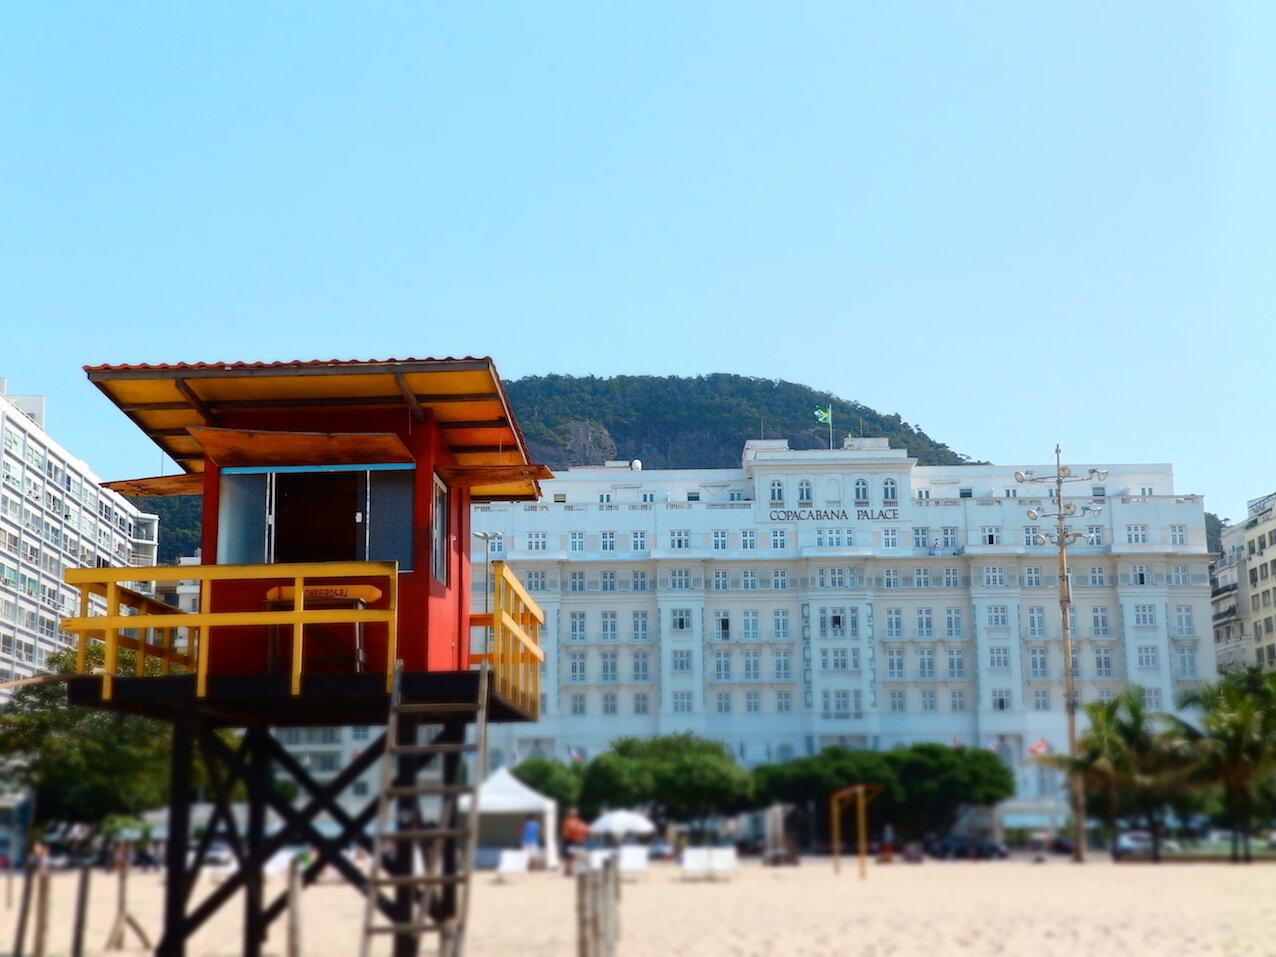 Verdadero ícono carioca, el hotel lleva 96 años en pie frente a Copacabana.